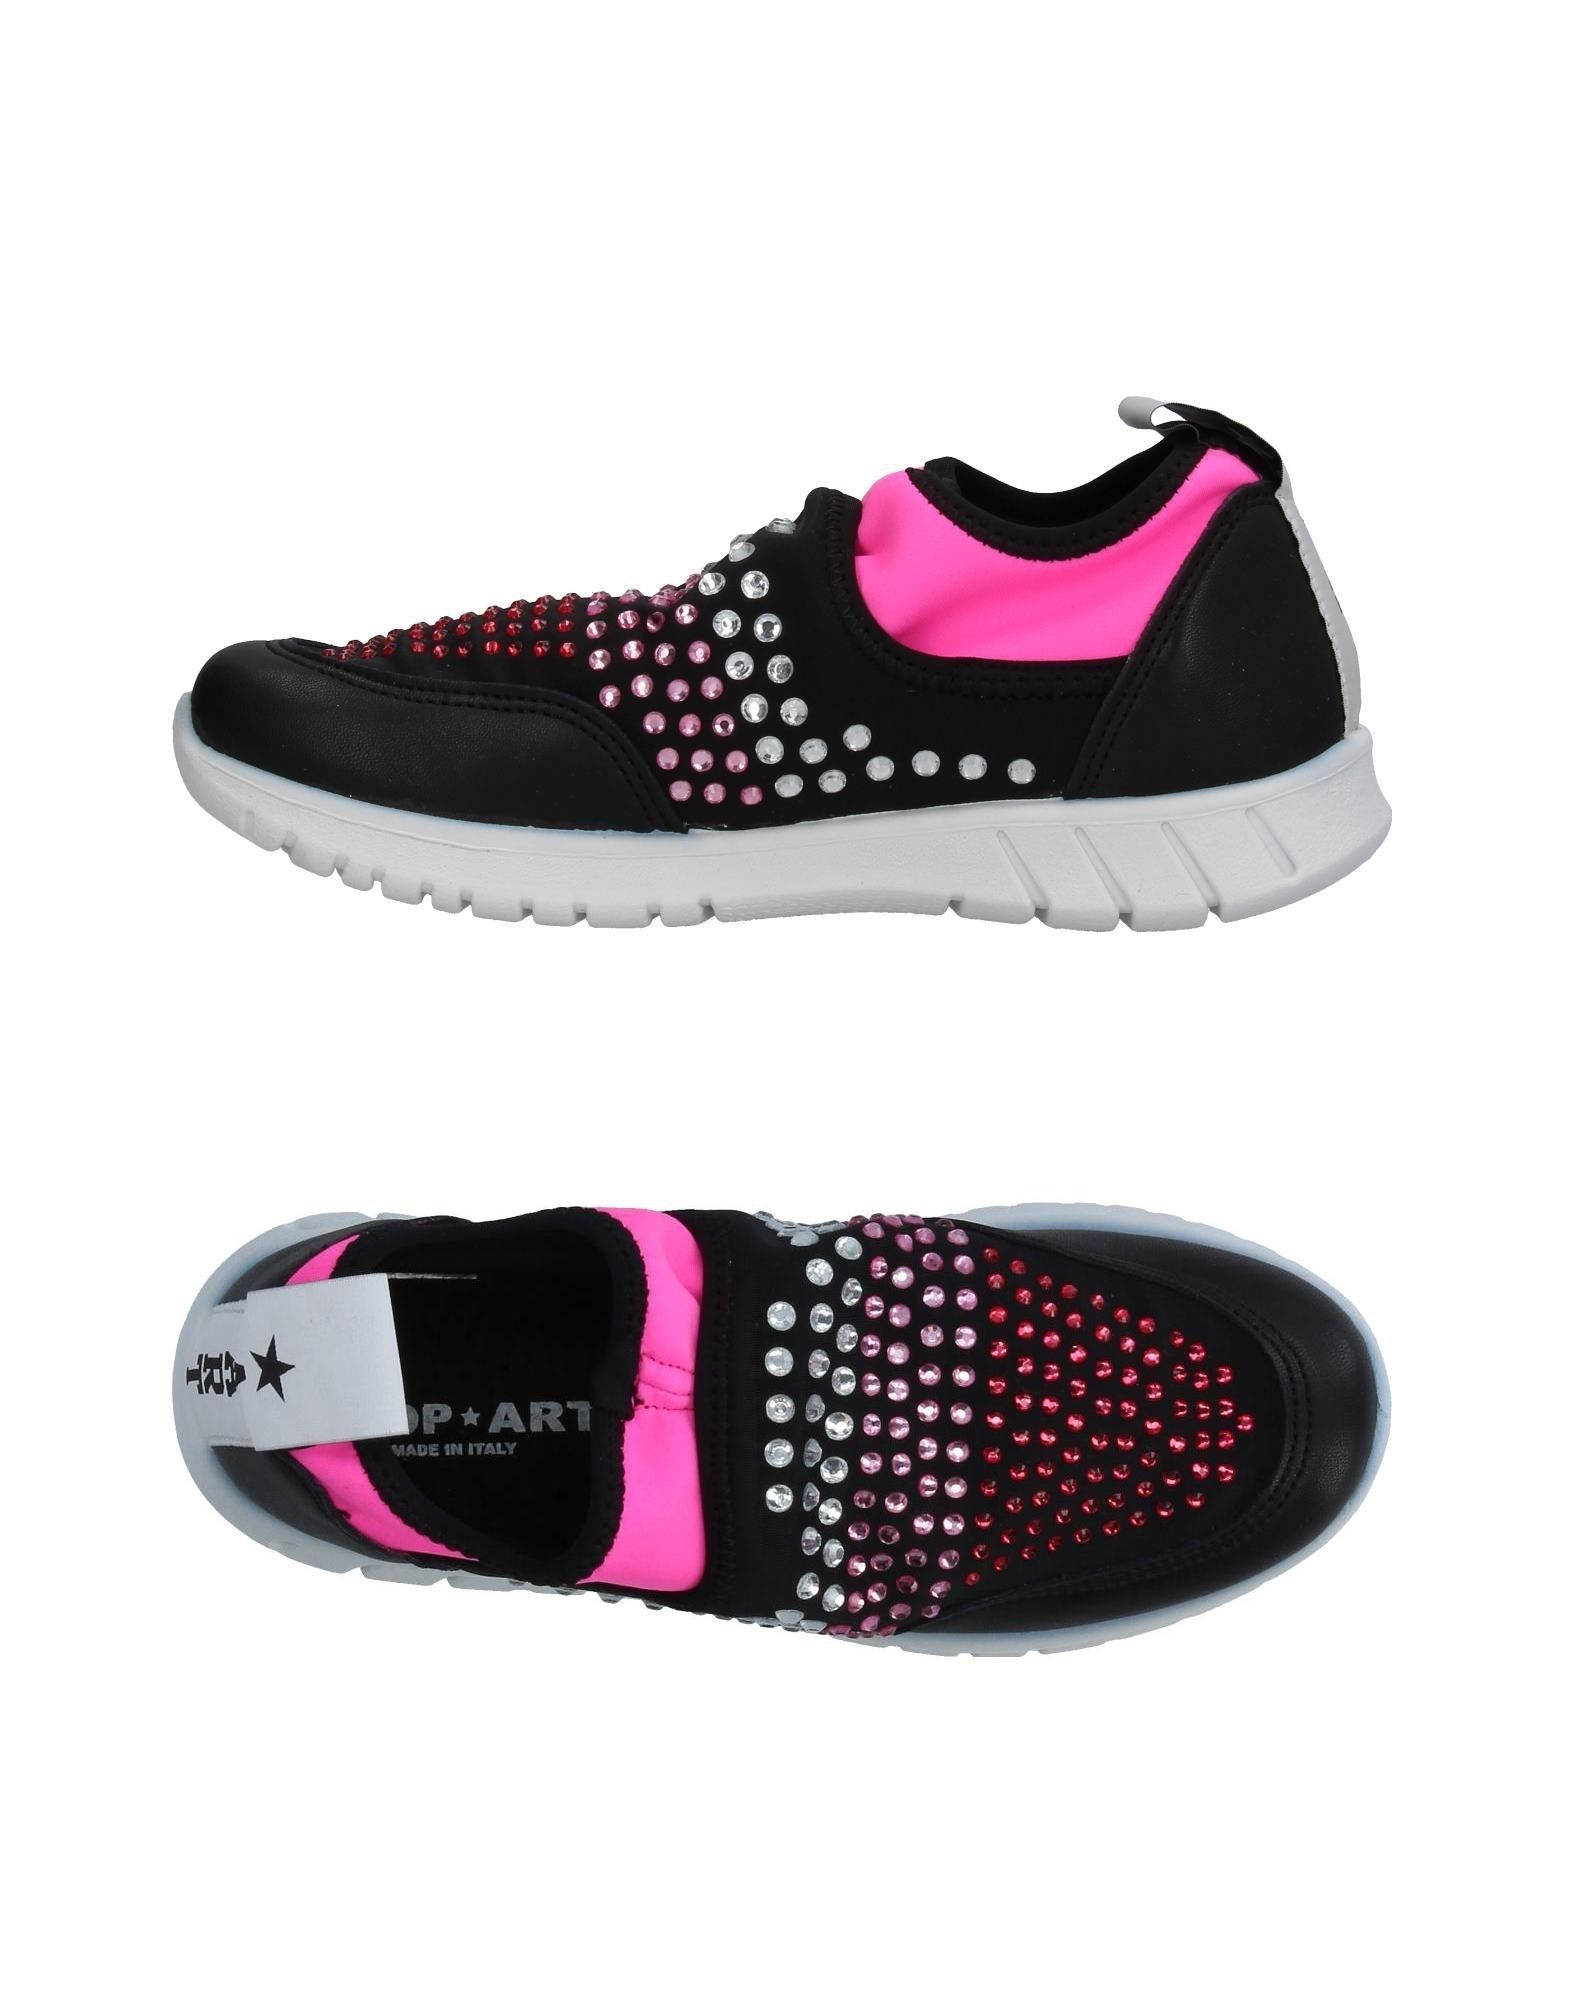 Zapatillas Shop ★ Mujer Art Mujer ★ - Zapatillas Shop ★ Art  Negro b34542